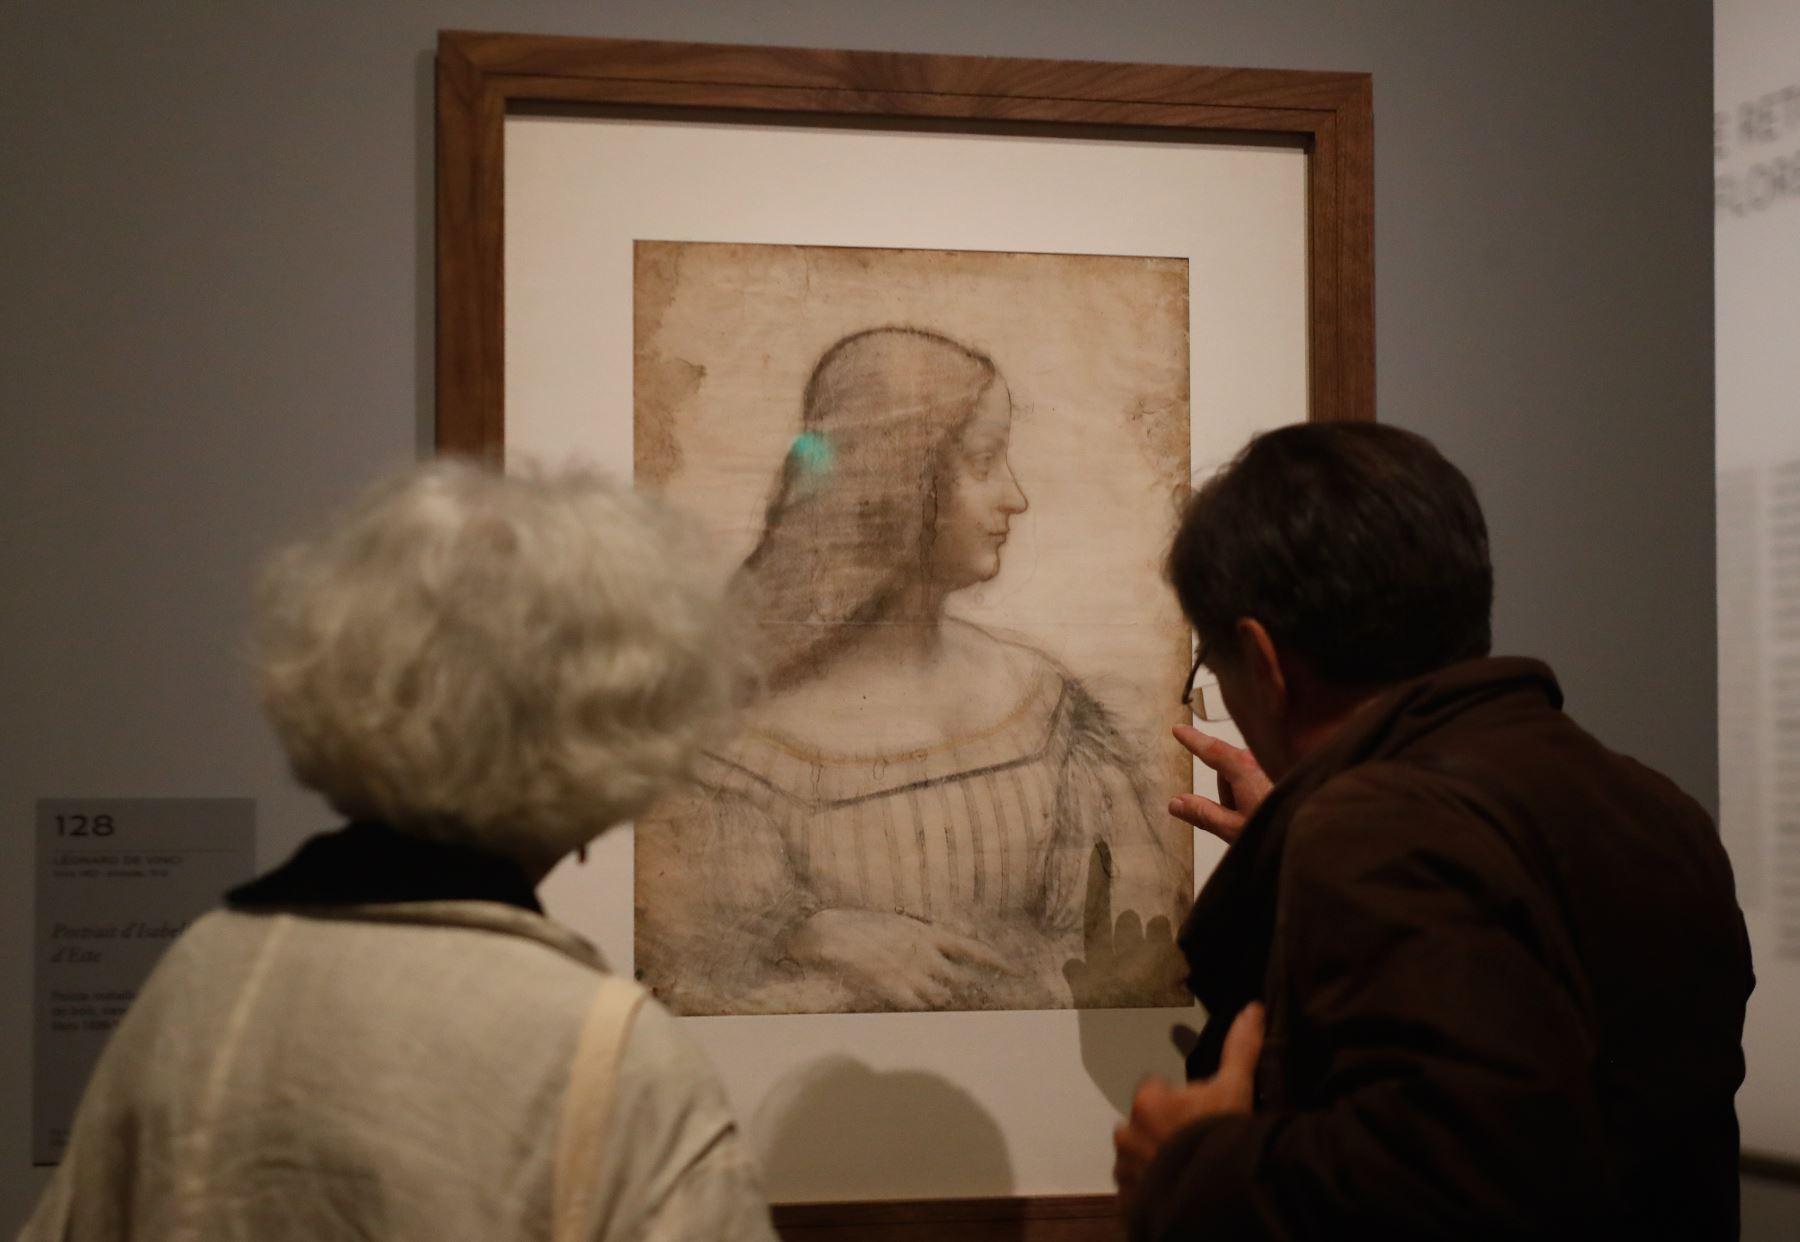 """Dos personas miran un dibujo del """"Retrato de Isabel de Este"""" de Leonardo da Vinci, en el museo del Louvre en París. Foto: AFP"""